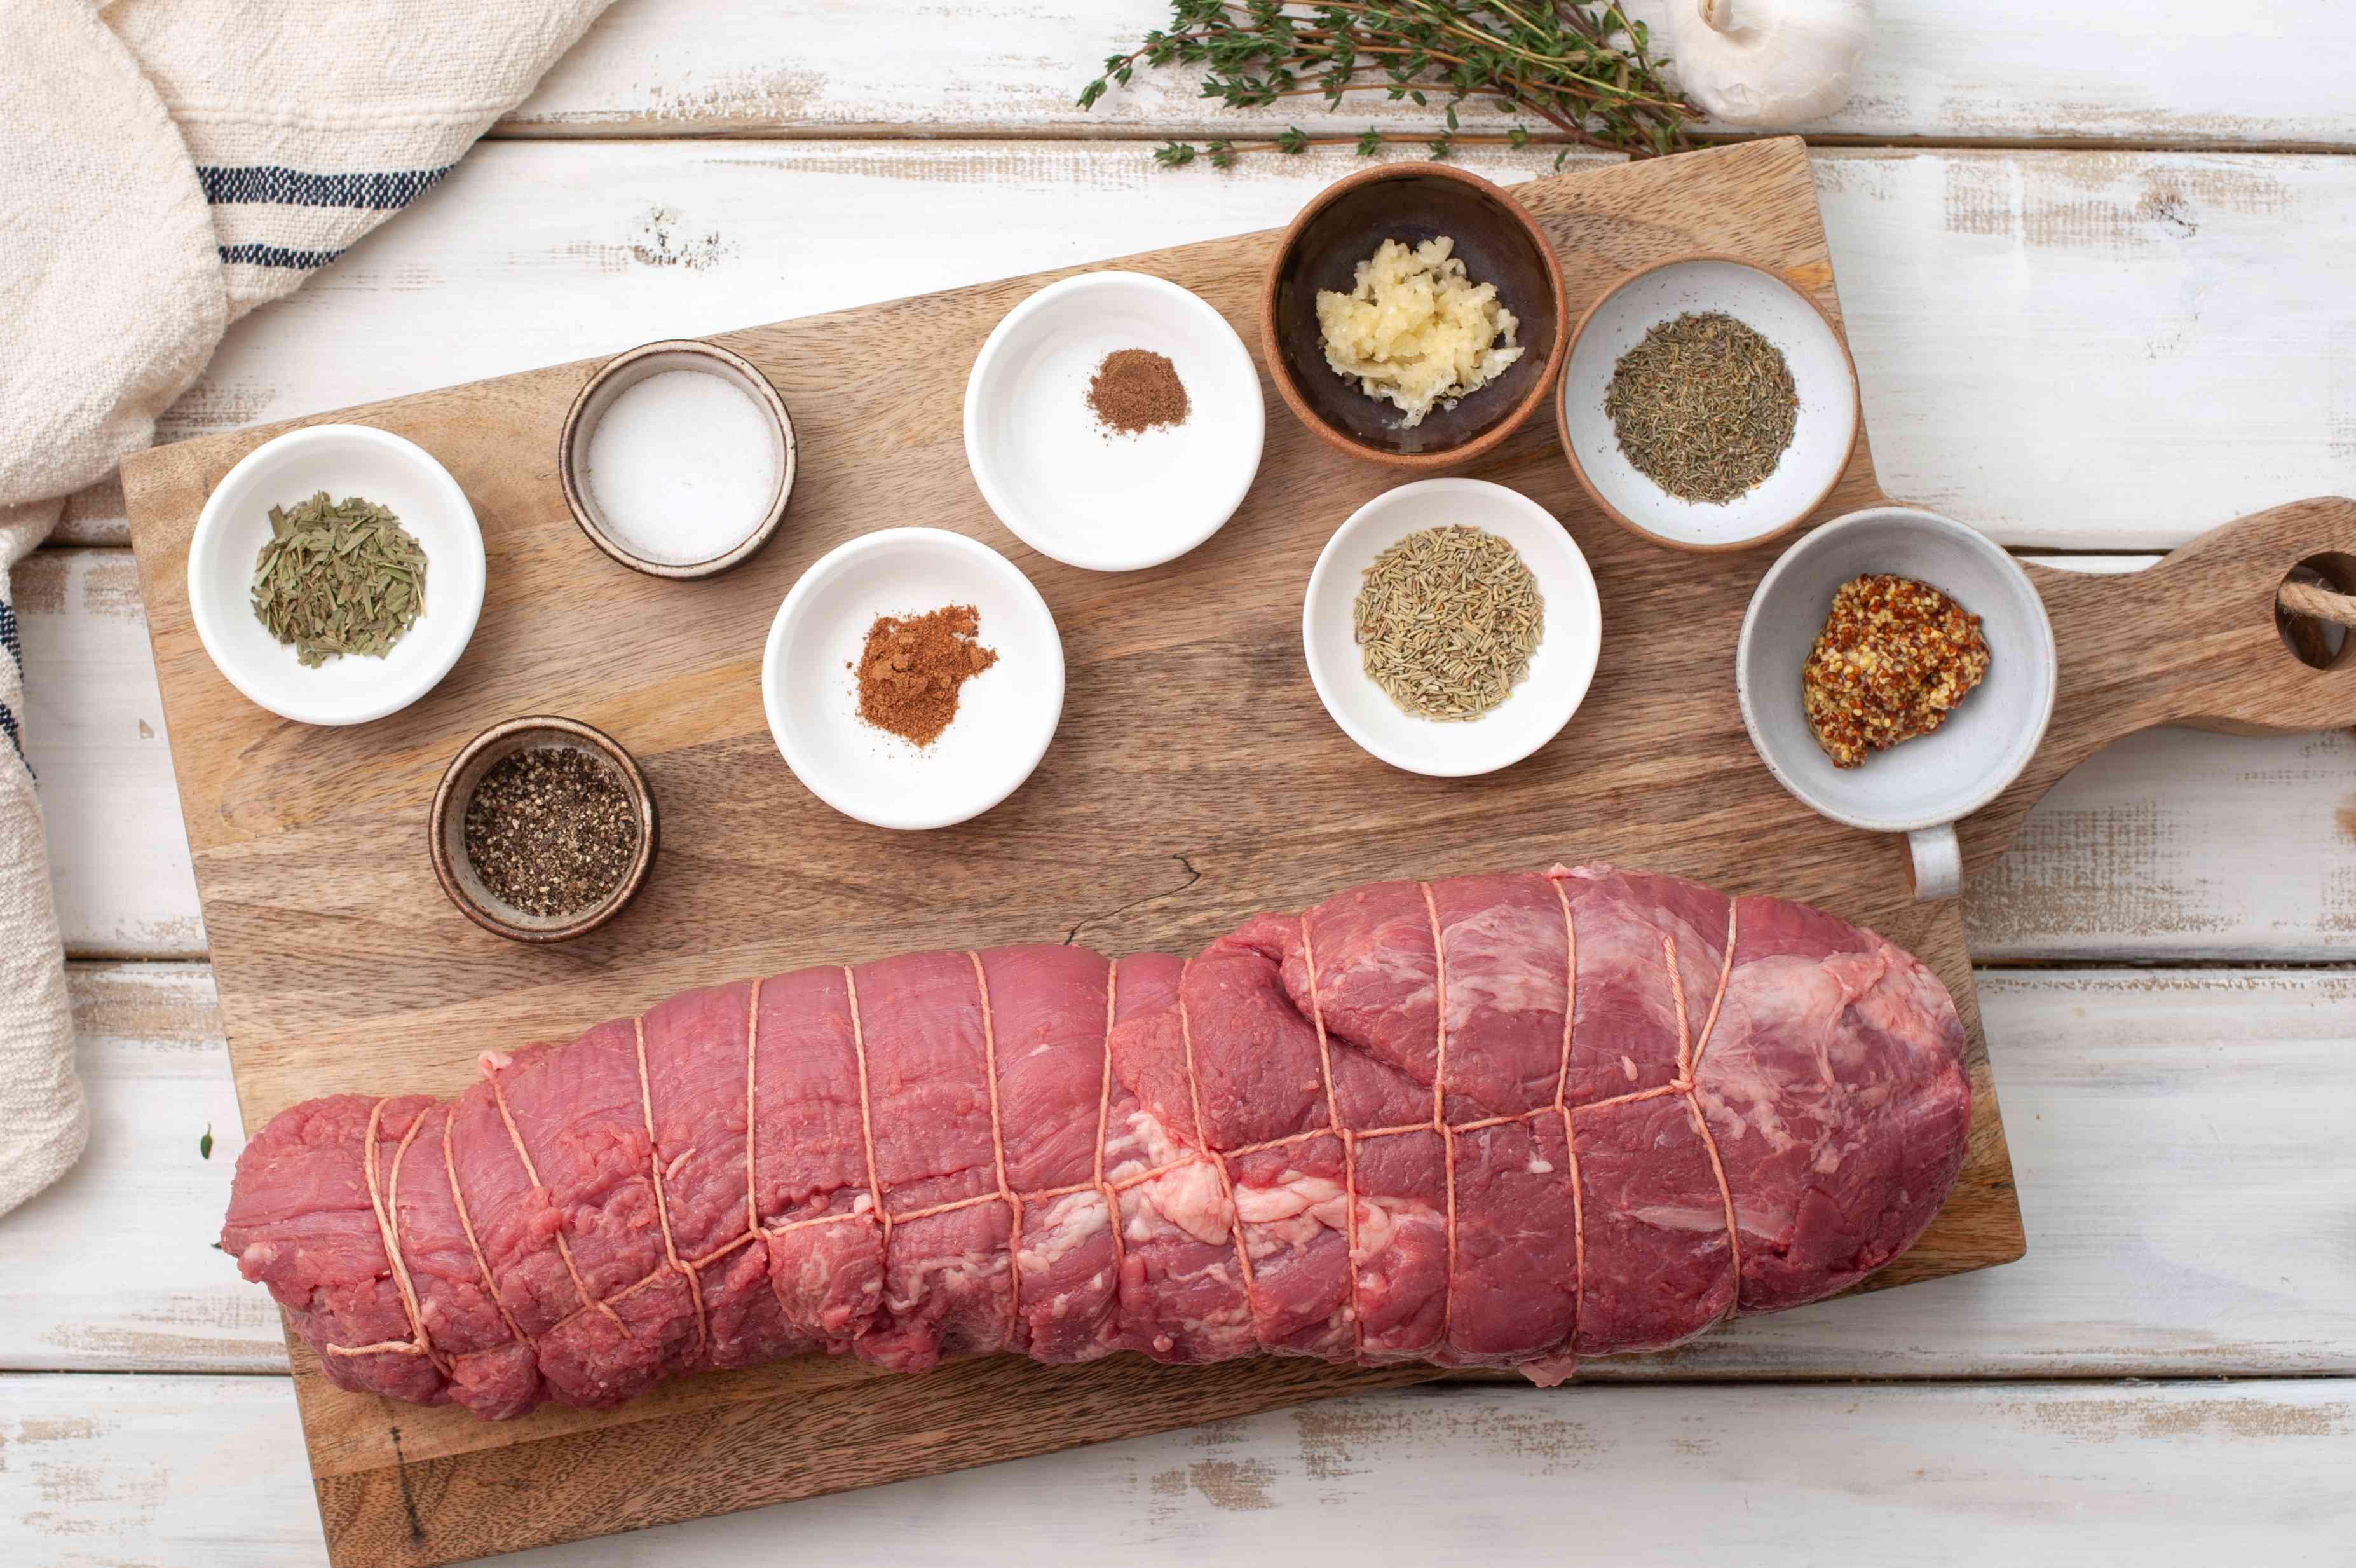 Ingredients for beef tenderloin